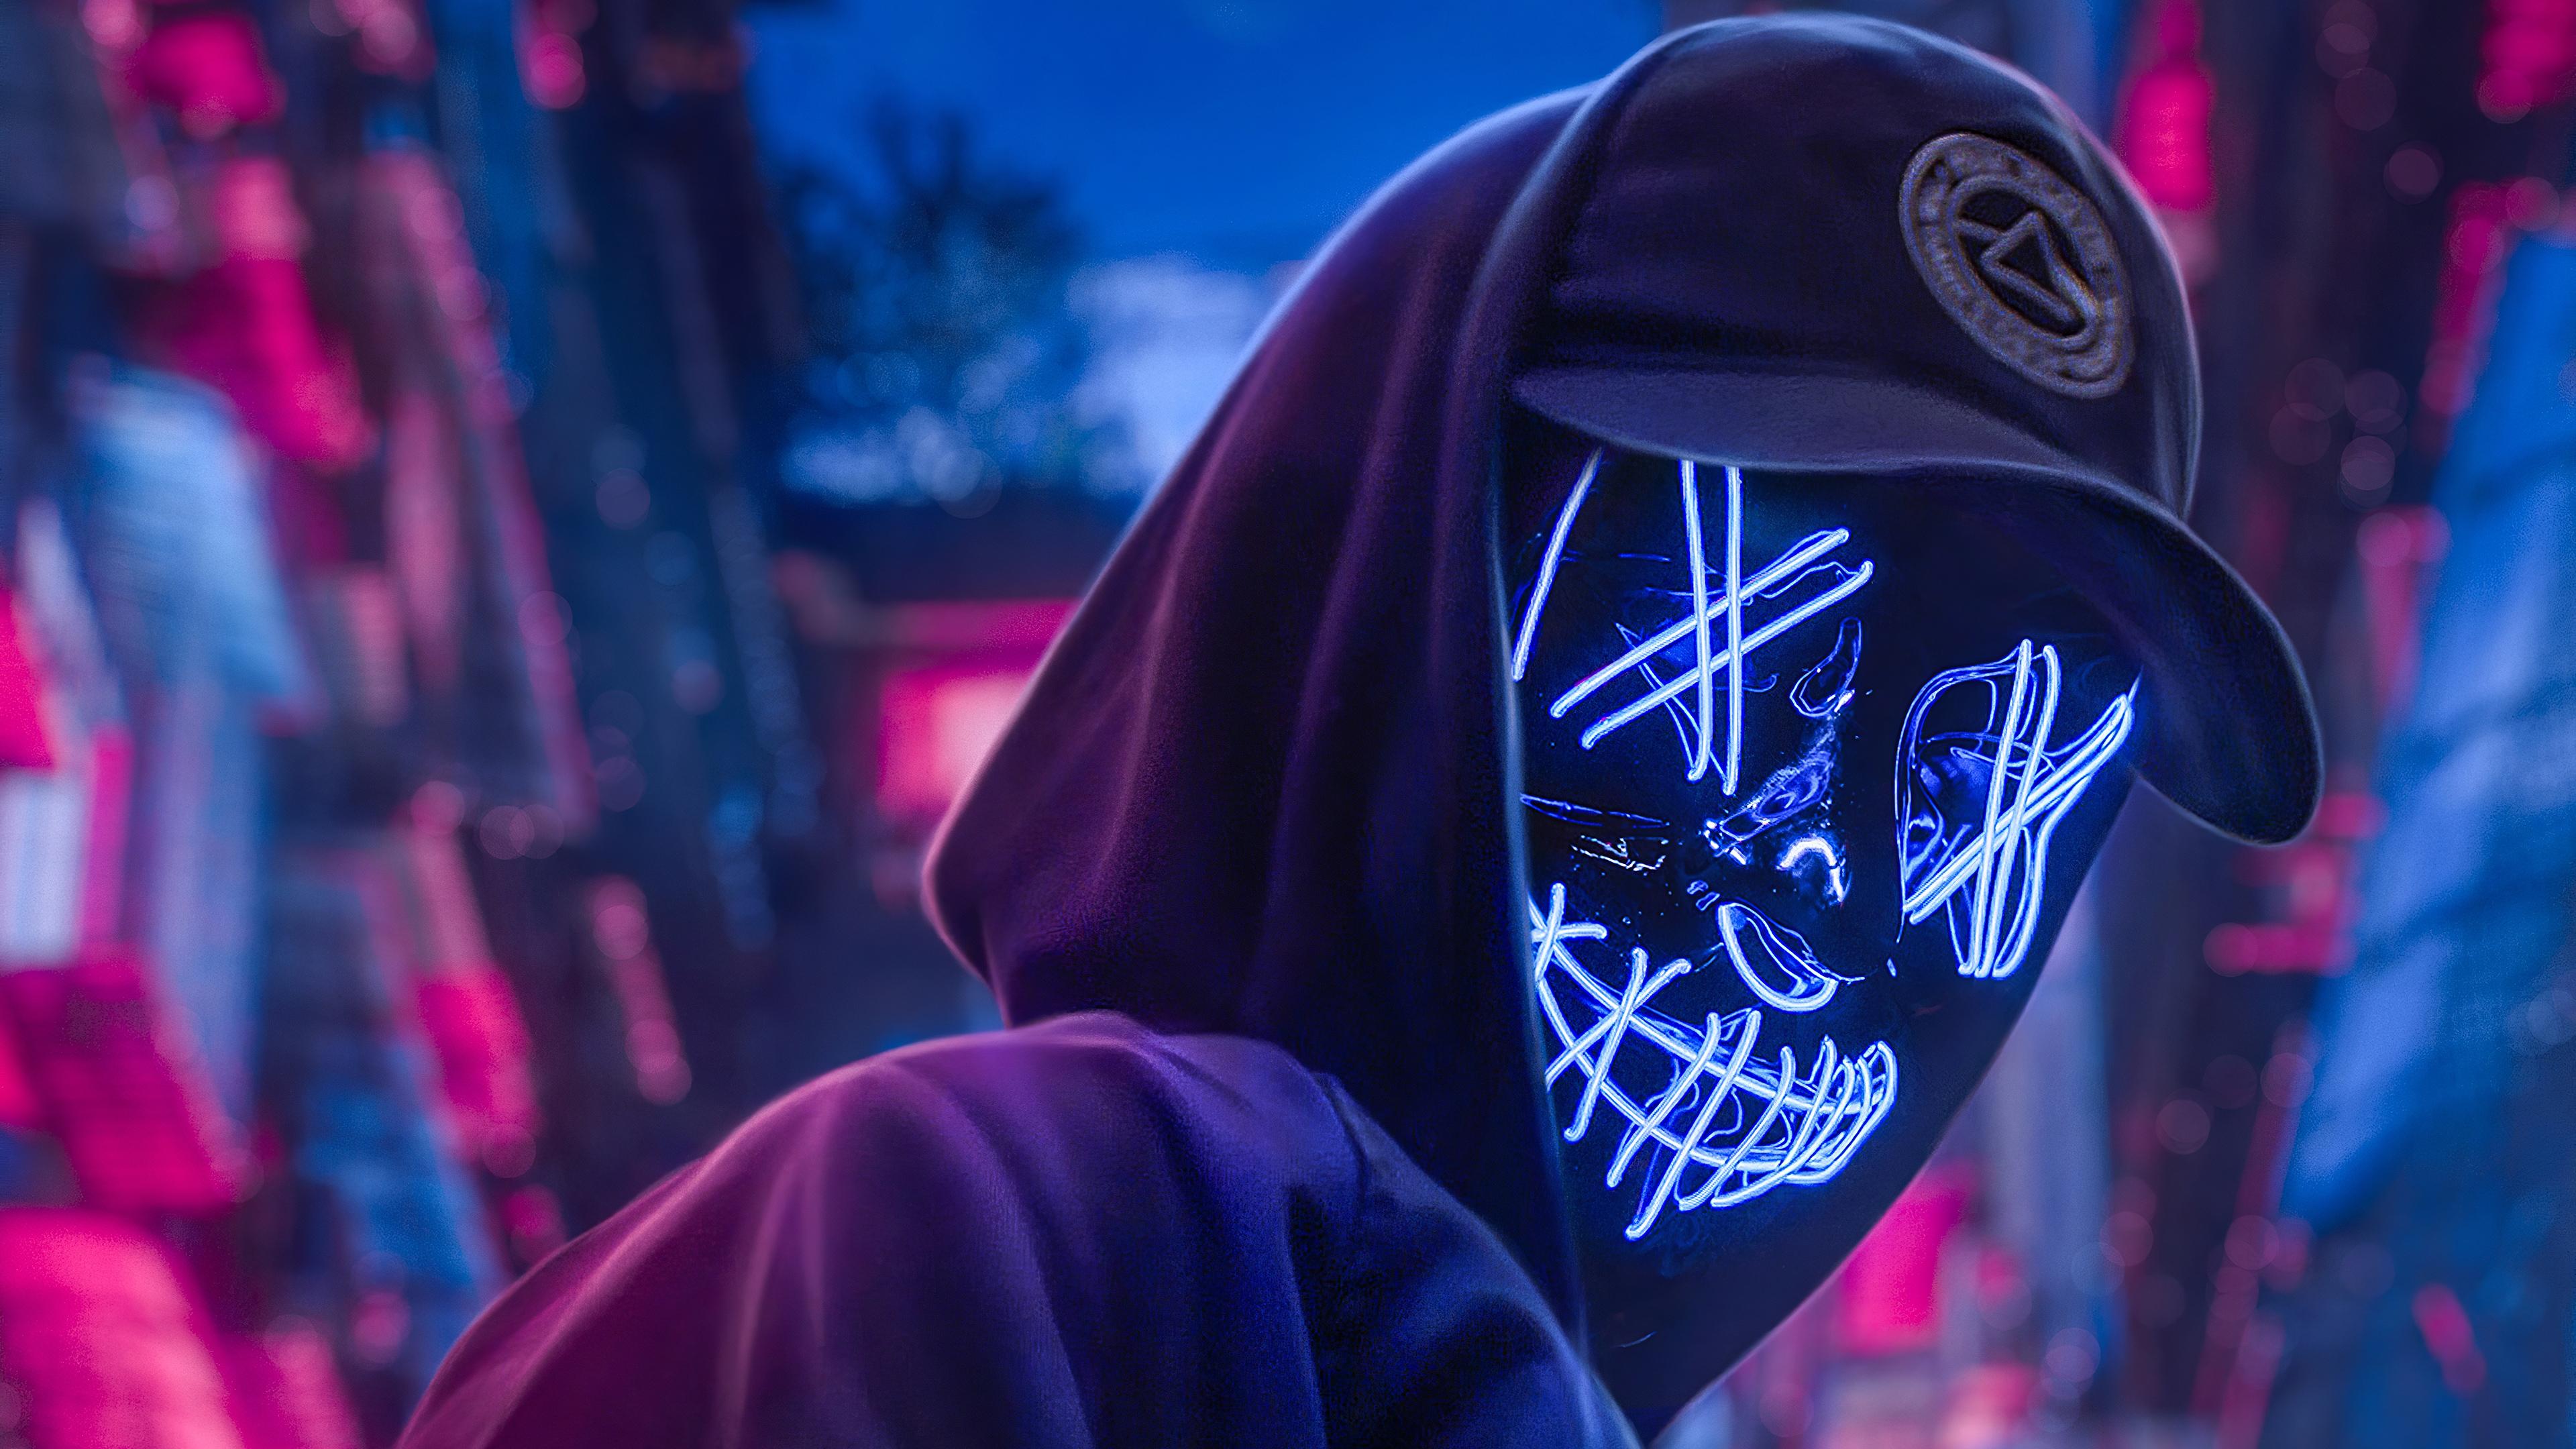 Neon Hoodie Hat Guy